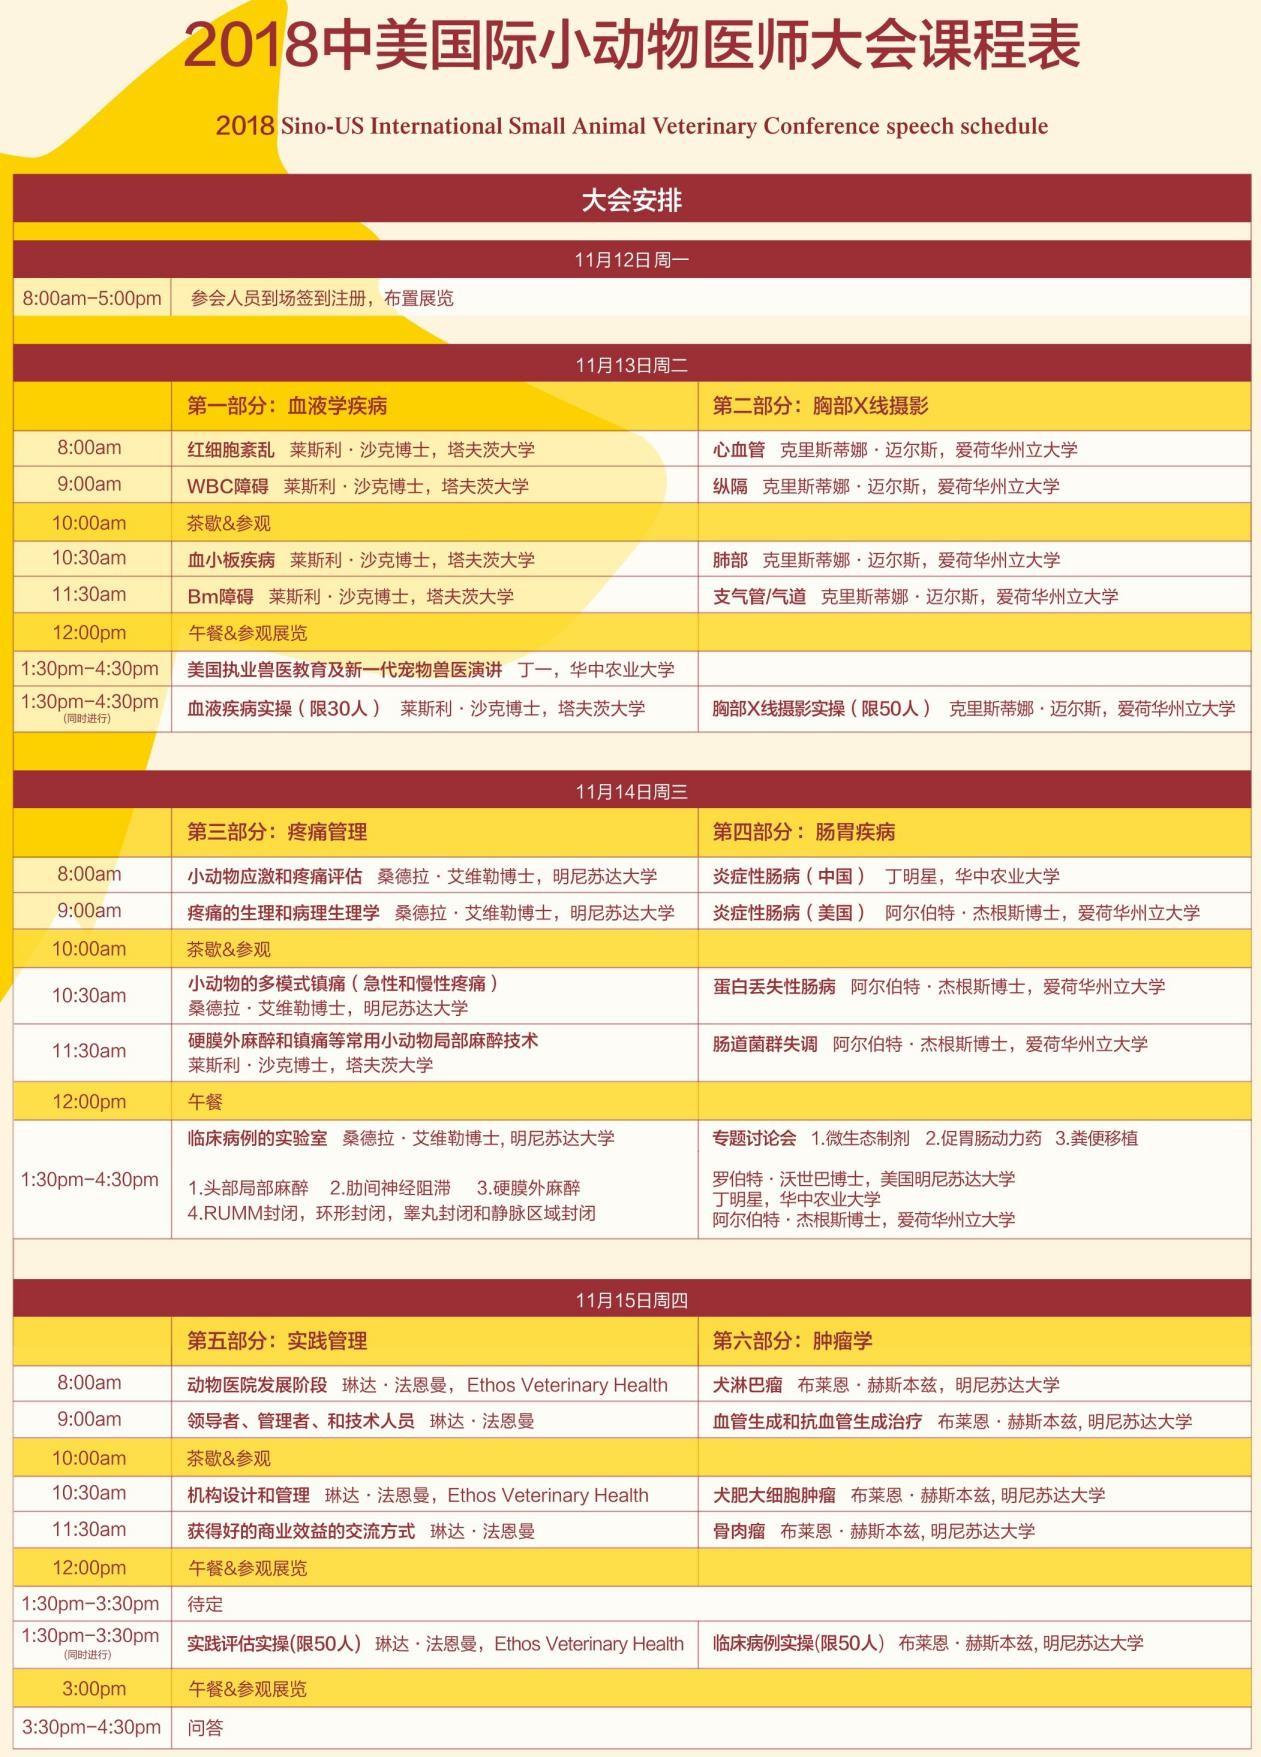 """018中美国际小动物医师大会暨展览会(SSAVC)课程表公布"""""""